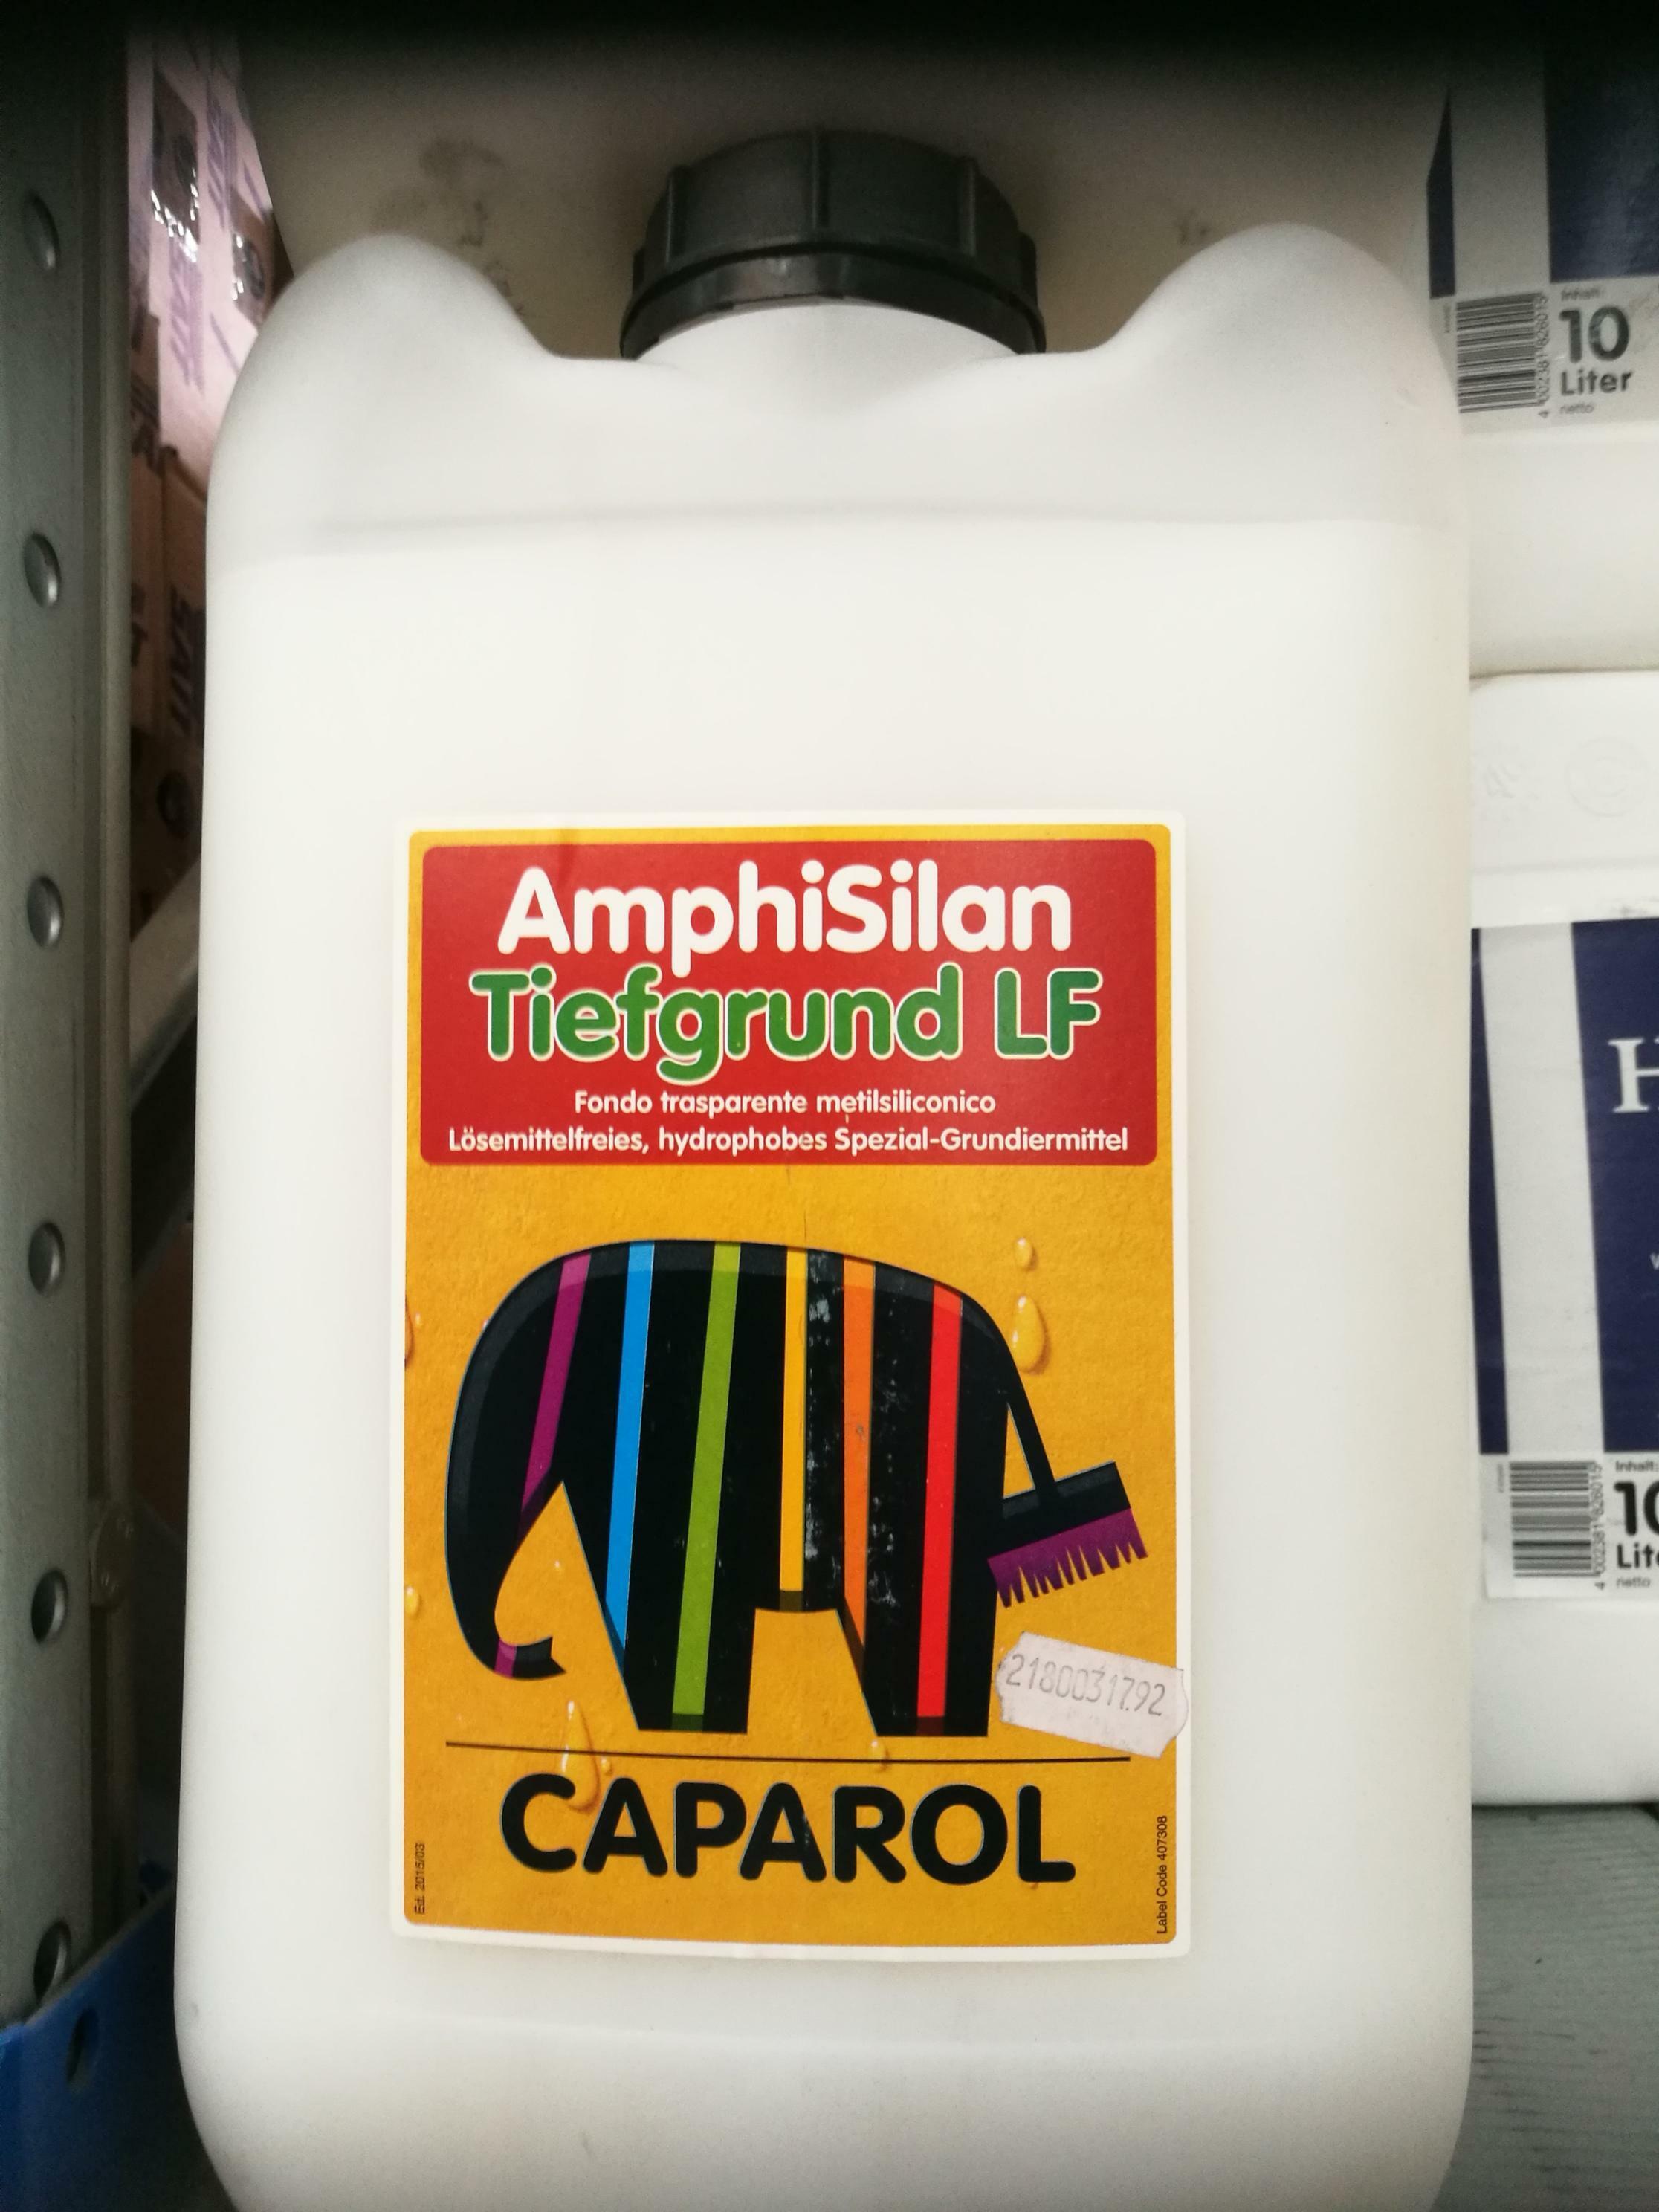 caparol caparol fondo trasparente amphisilan tiefgrund lf per intonaci esterni e interni a base calce e bastardi   10 litri